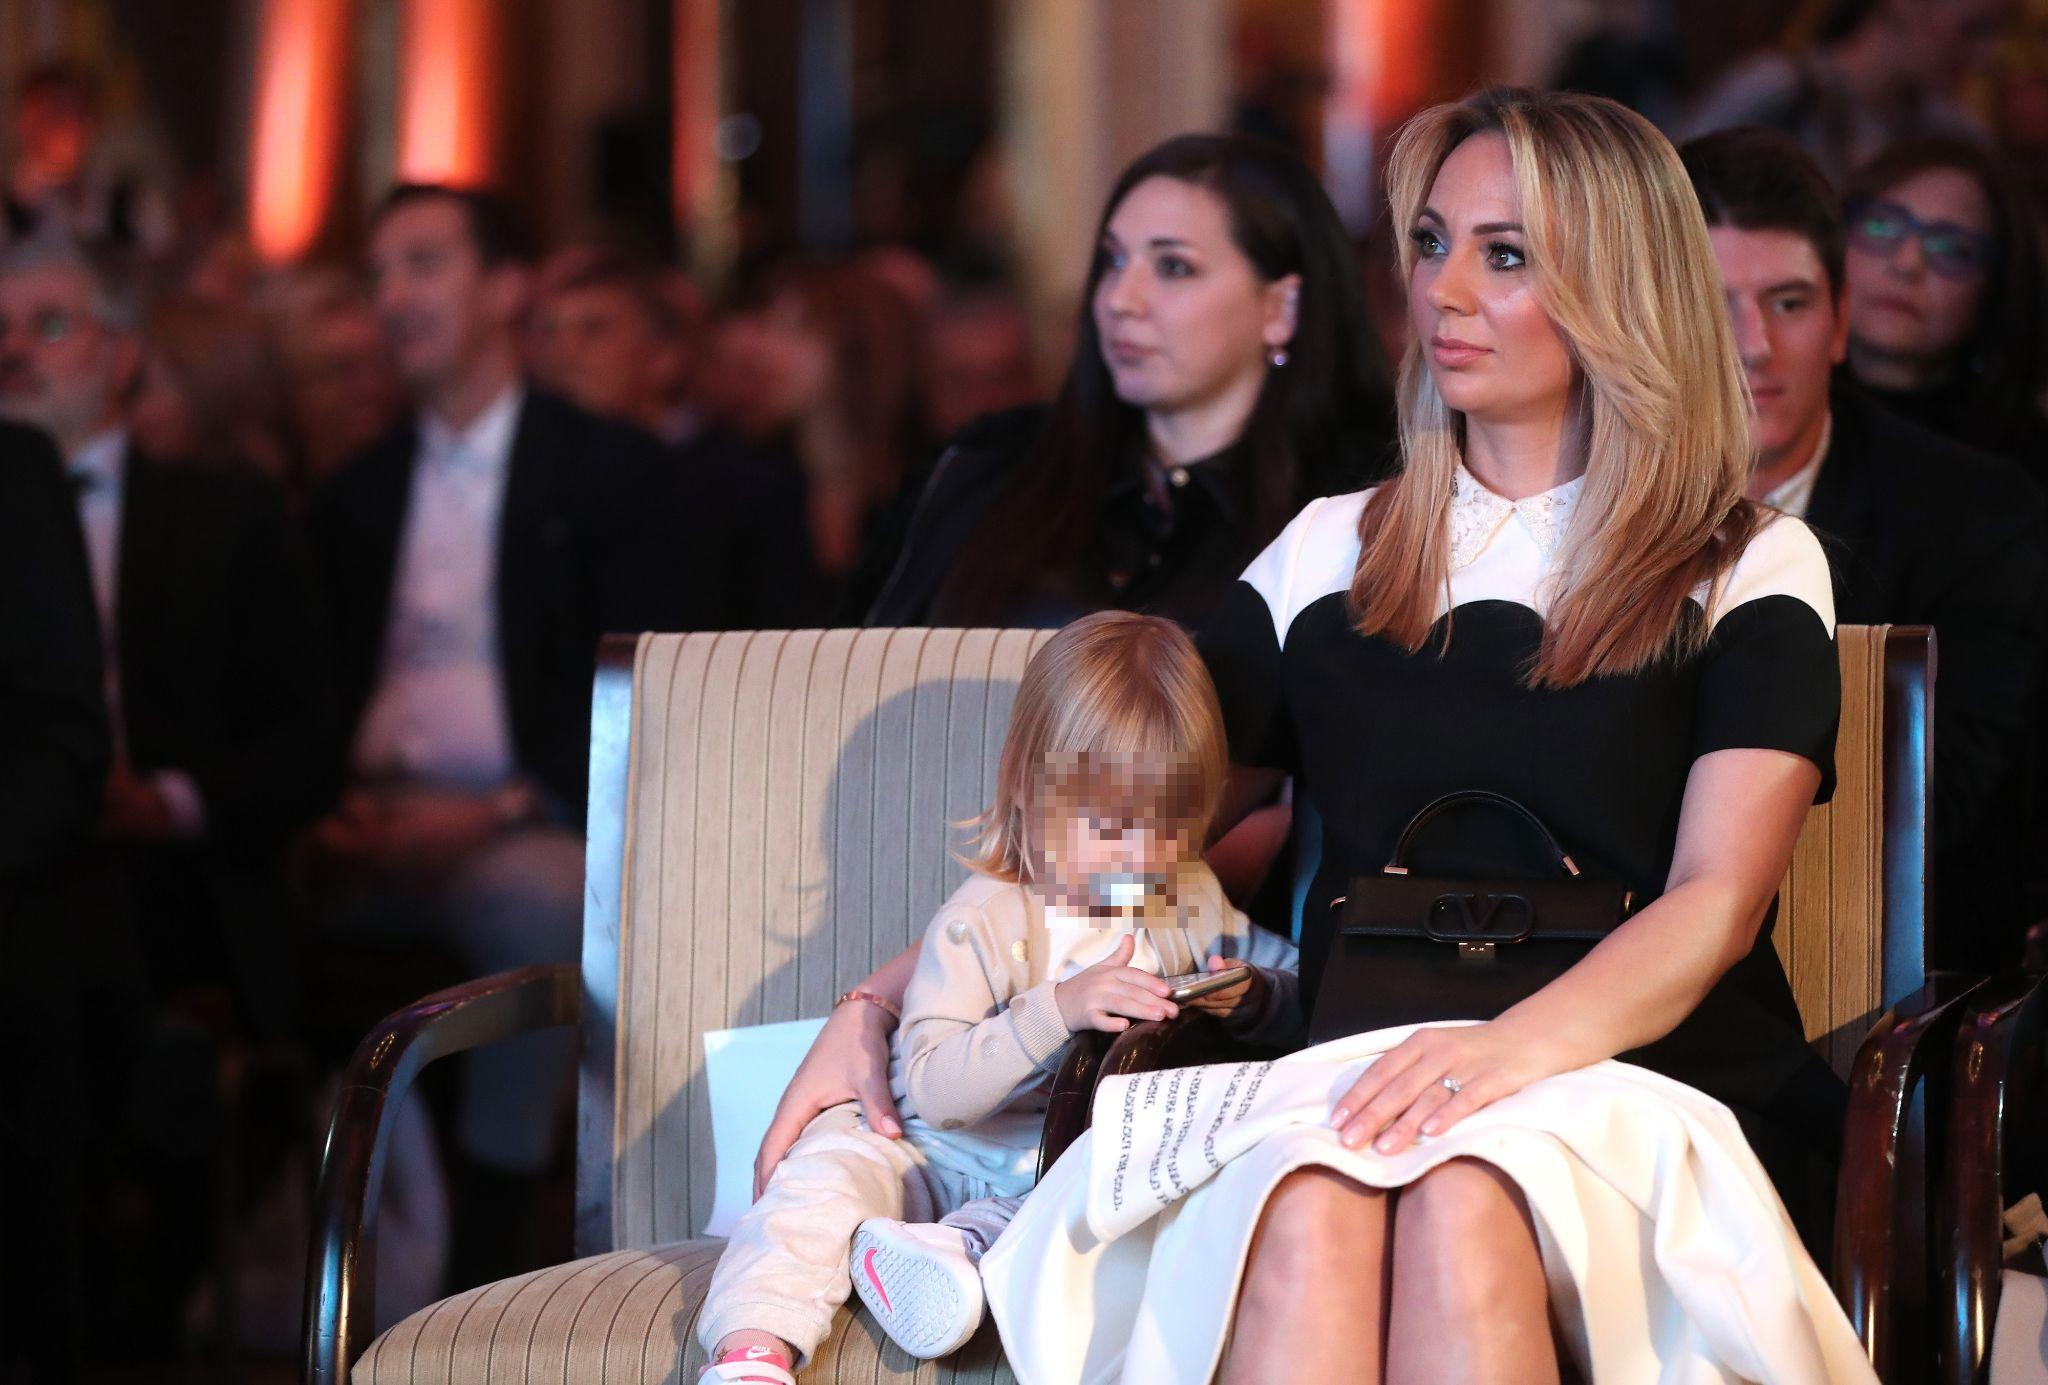 Vanja Modrić zablistala u elegantnoj crno-bijeloj haljini te pokazala dizajnersku torbicu